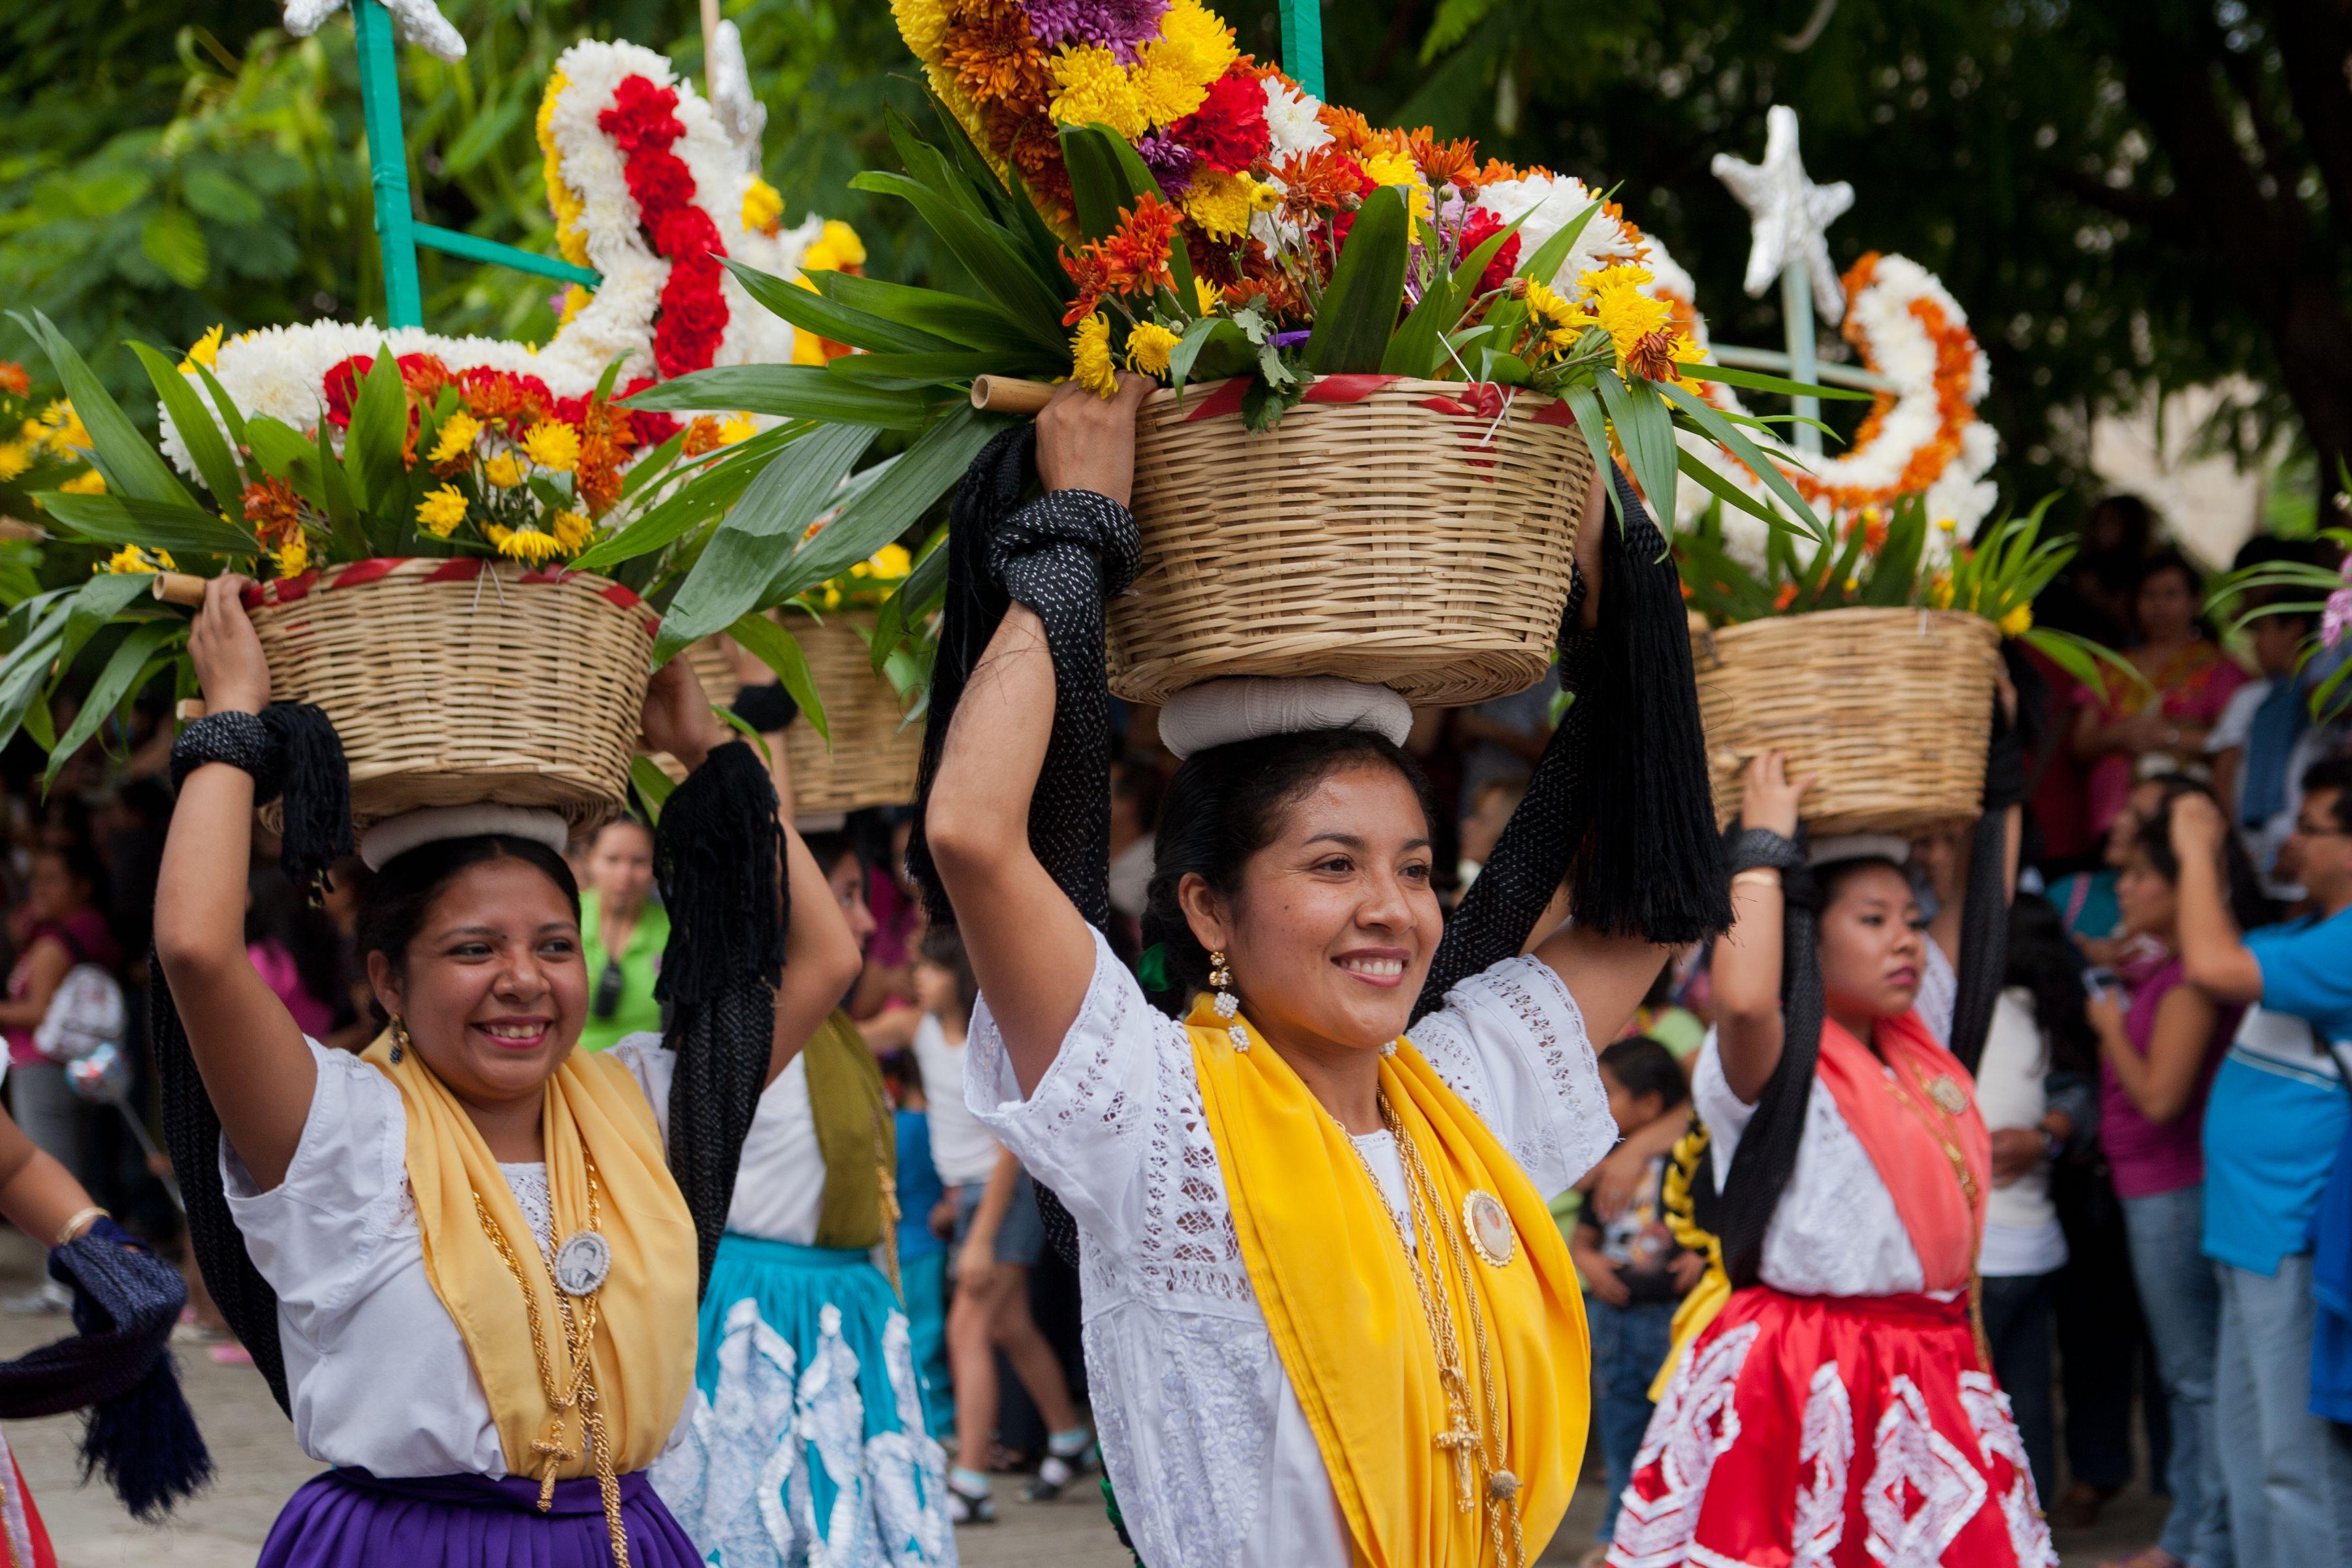 メキシコの観光・旅行オススメスポット!人気の見どころや魅力を紹介!